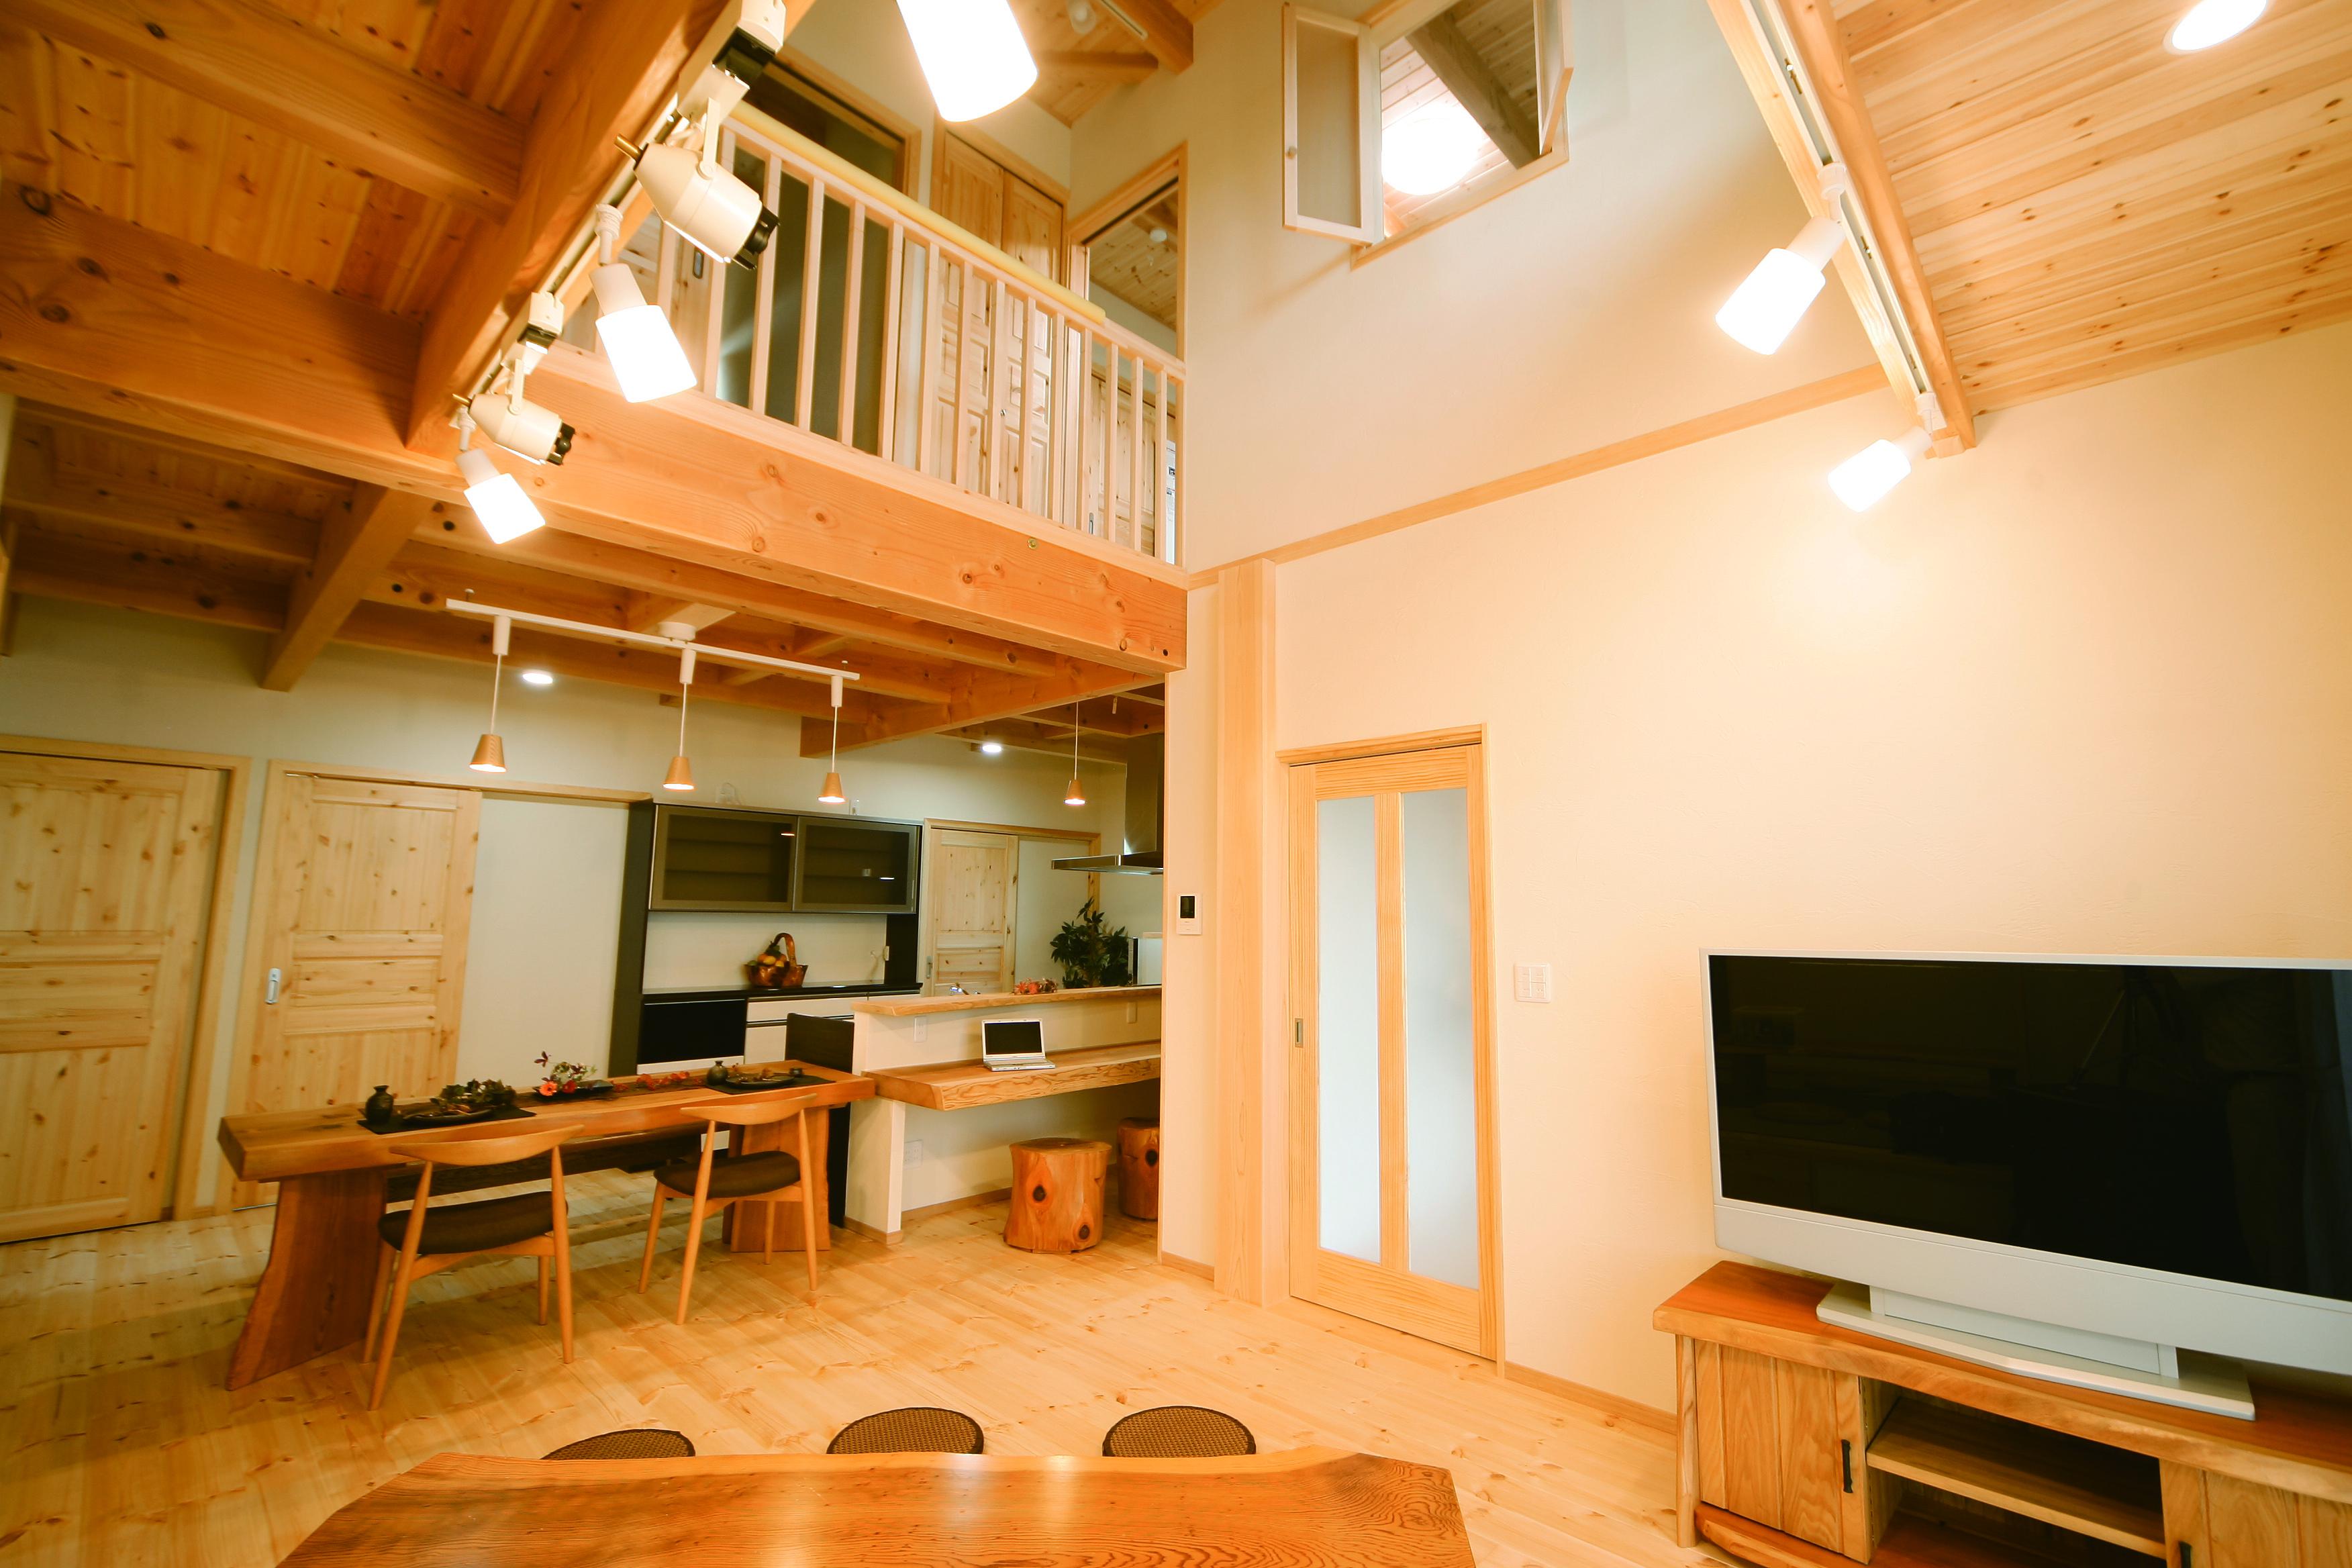 住まいるコーポレーション【和風、自然素材、省エネ】大きな吹抜けのあるLDK。珪藻土とパインのおりなす自然素材の空間は、梅雨の季節でも涼しく快適。床や天井のパイン材はナチュラルで優しいトーンと個性的な木目が特徴。2階の個室と寝室には小窓を設けてあり、1階を見下ろしたり、家族に声をかけたりすることもできる